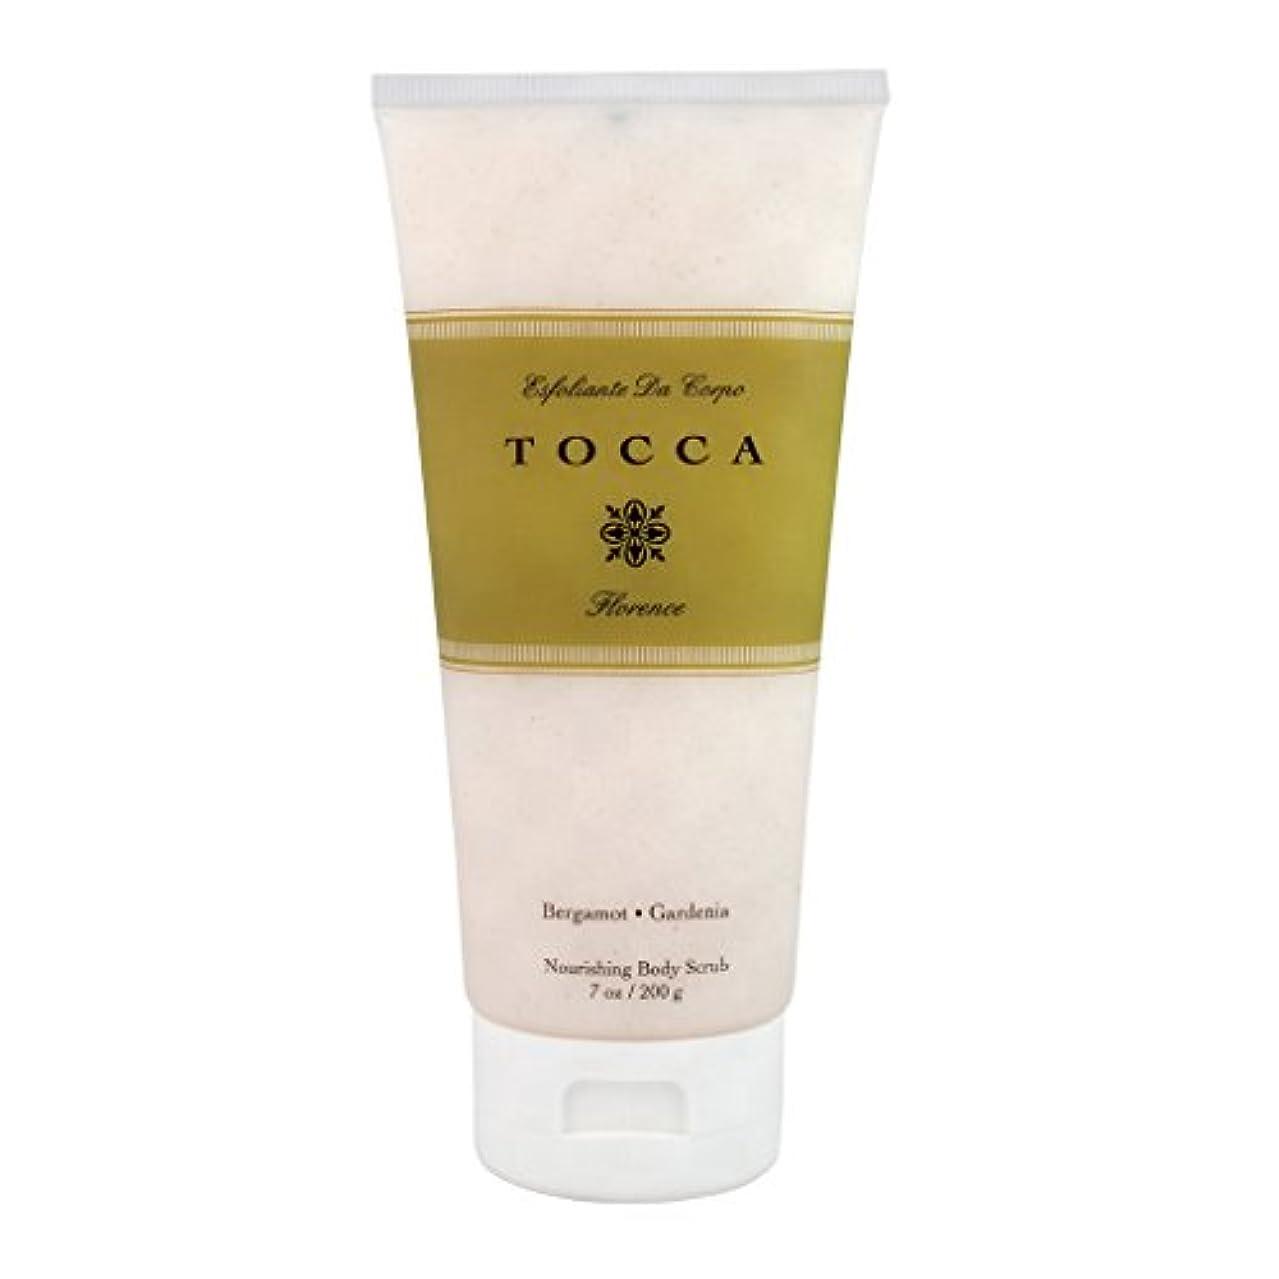 みがきます嫉妬第二トッカ(TOCCA) ボディーケアスクラブ フローレンスの香り 200ml(全身?ボディー用マッサージ料 ガーデニアとベルガモットが誘うように溶け合うどこまでも上品なフローラルの香り)